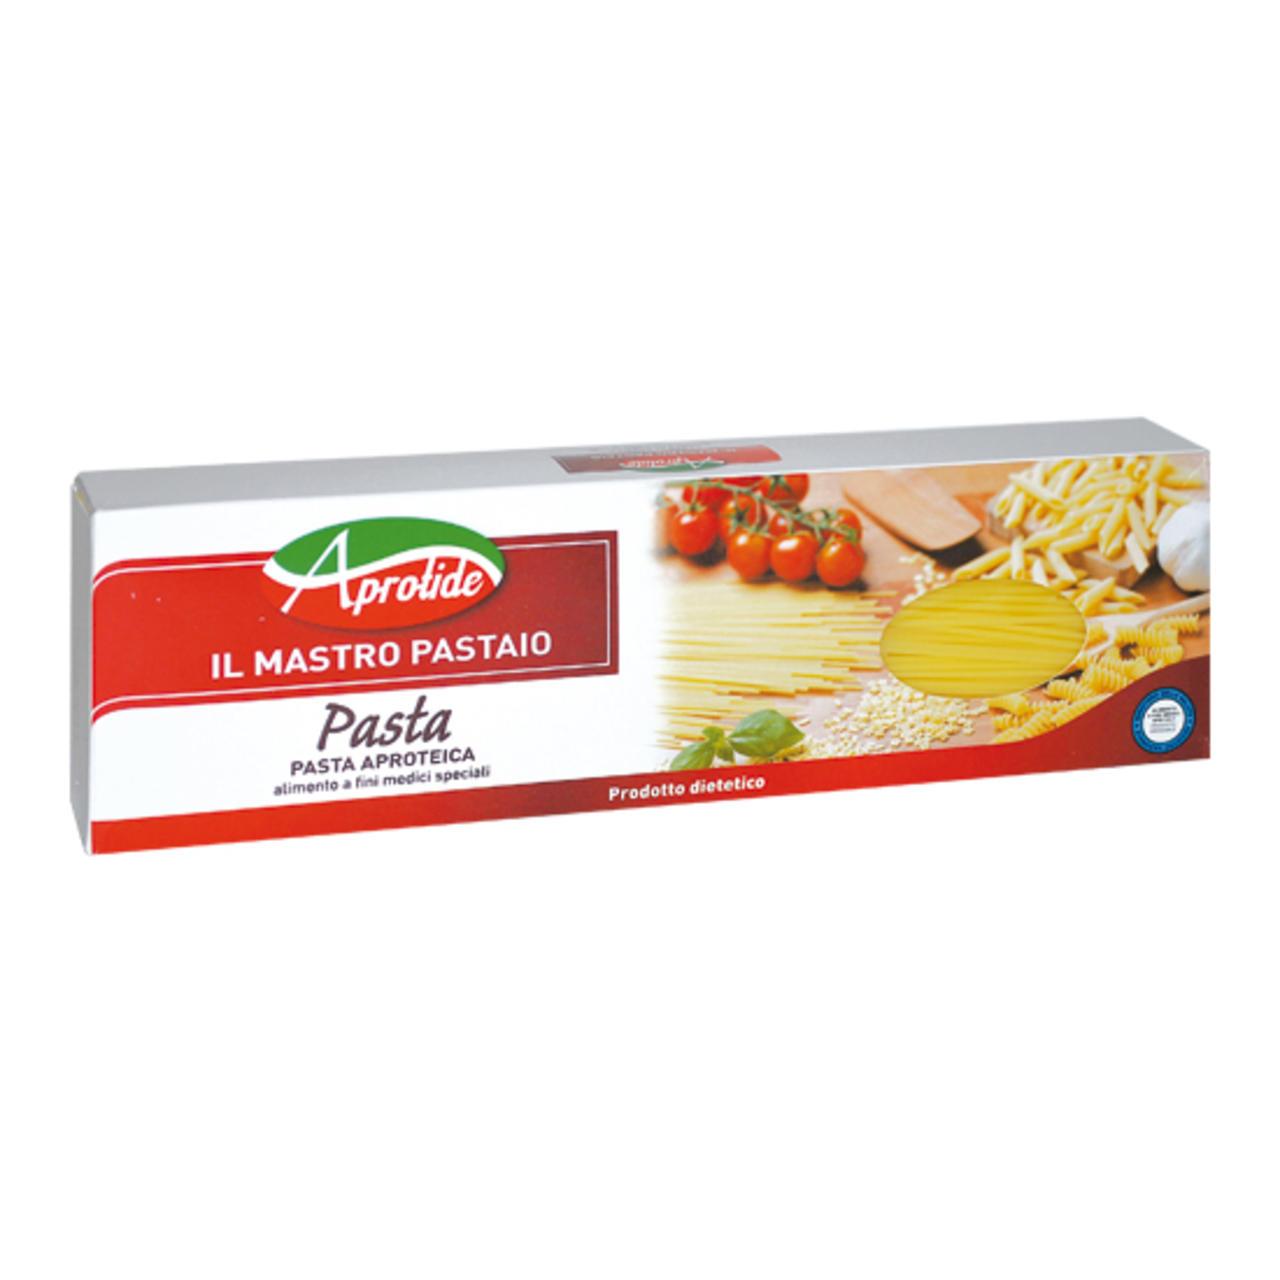 Aprotide Pasta Spaghetti 500g